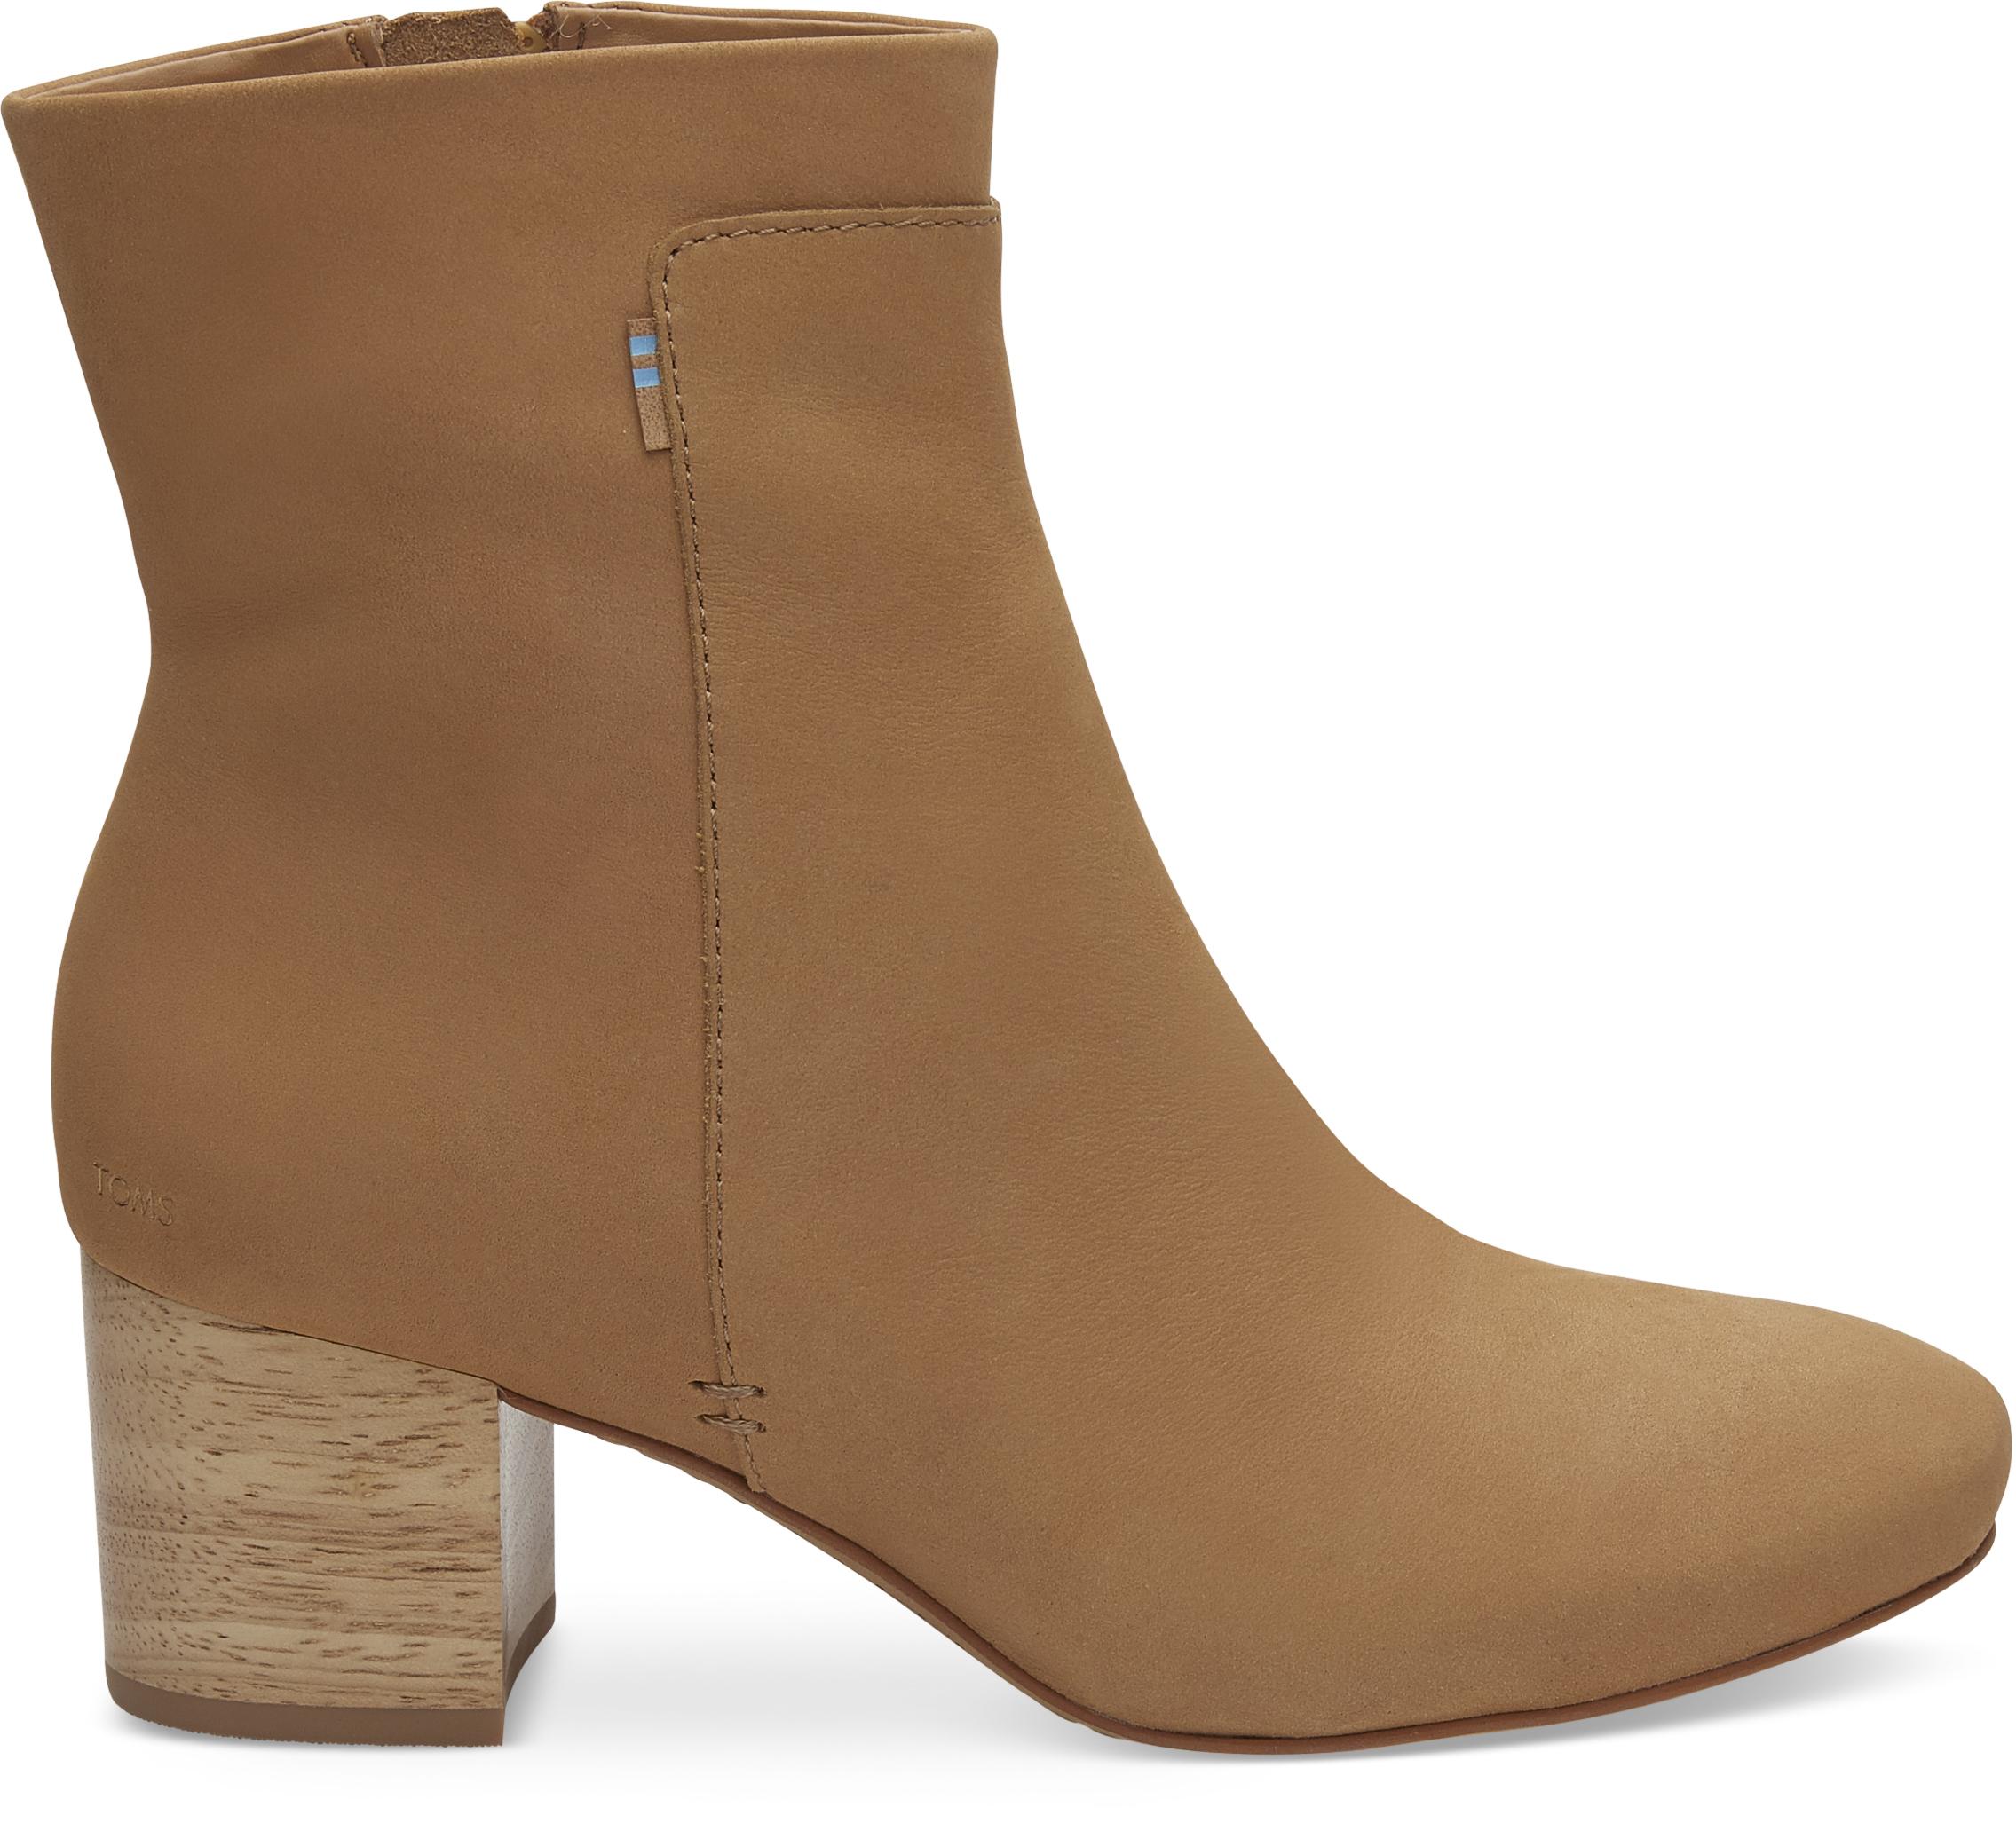 9e7f88a9577b Dámske hnedé členkové topánky TOMS Evie - Glami.sk